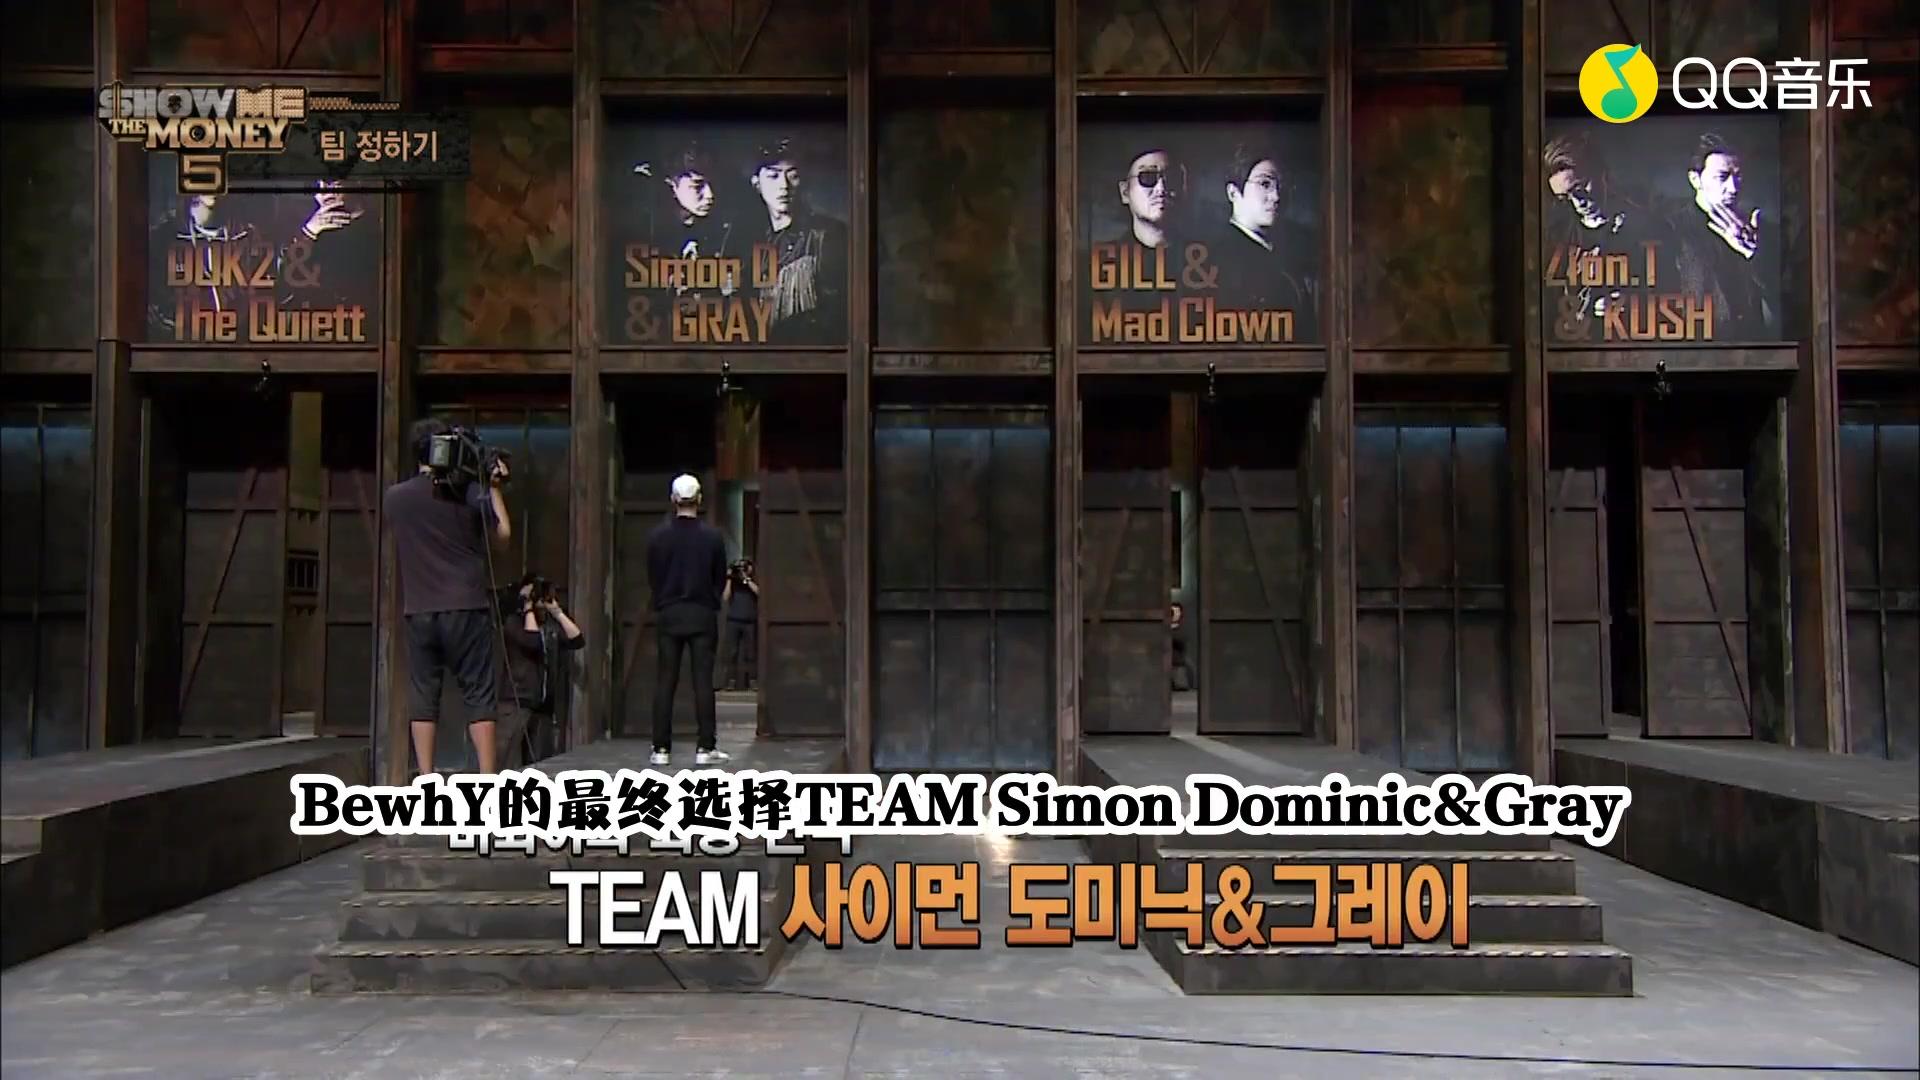 """Show me the money-Show Me The Money第5季:第6期 Simon D&Gray战队成颜值担当组""""F4"""" (Live)(蓝光)"""